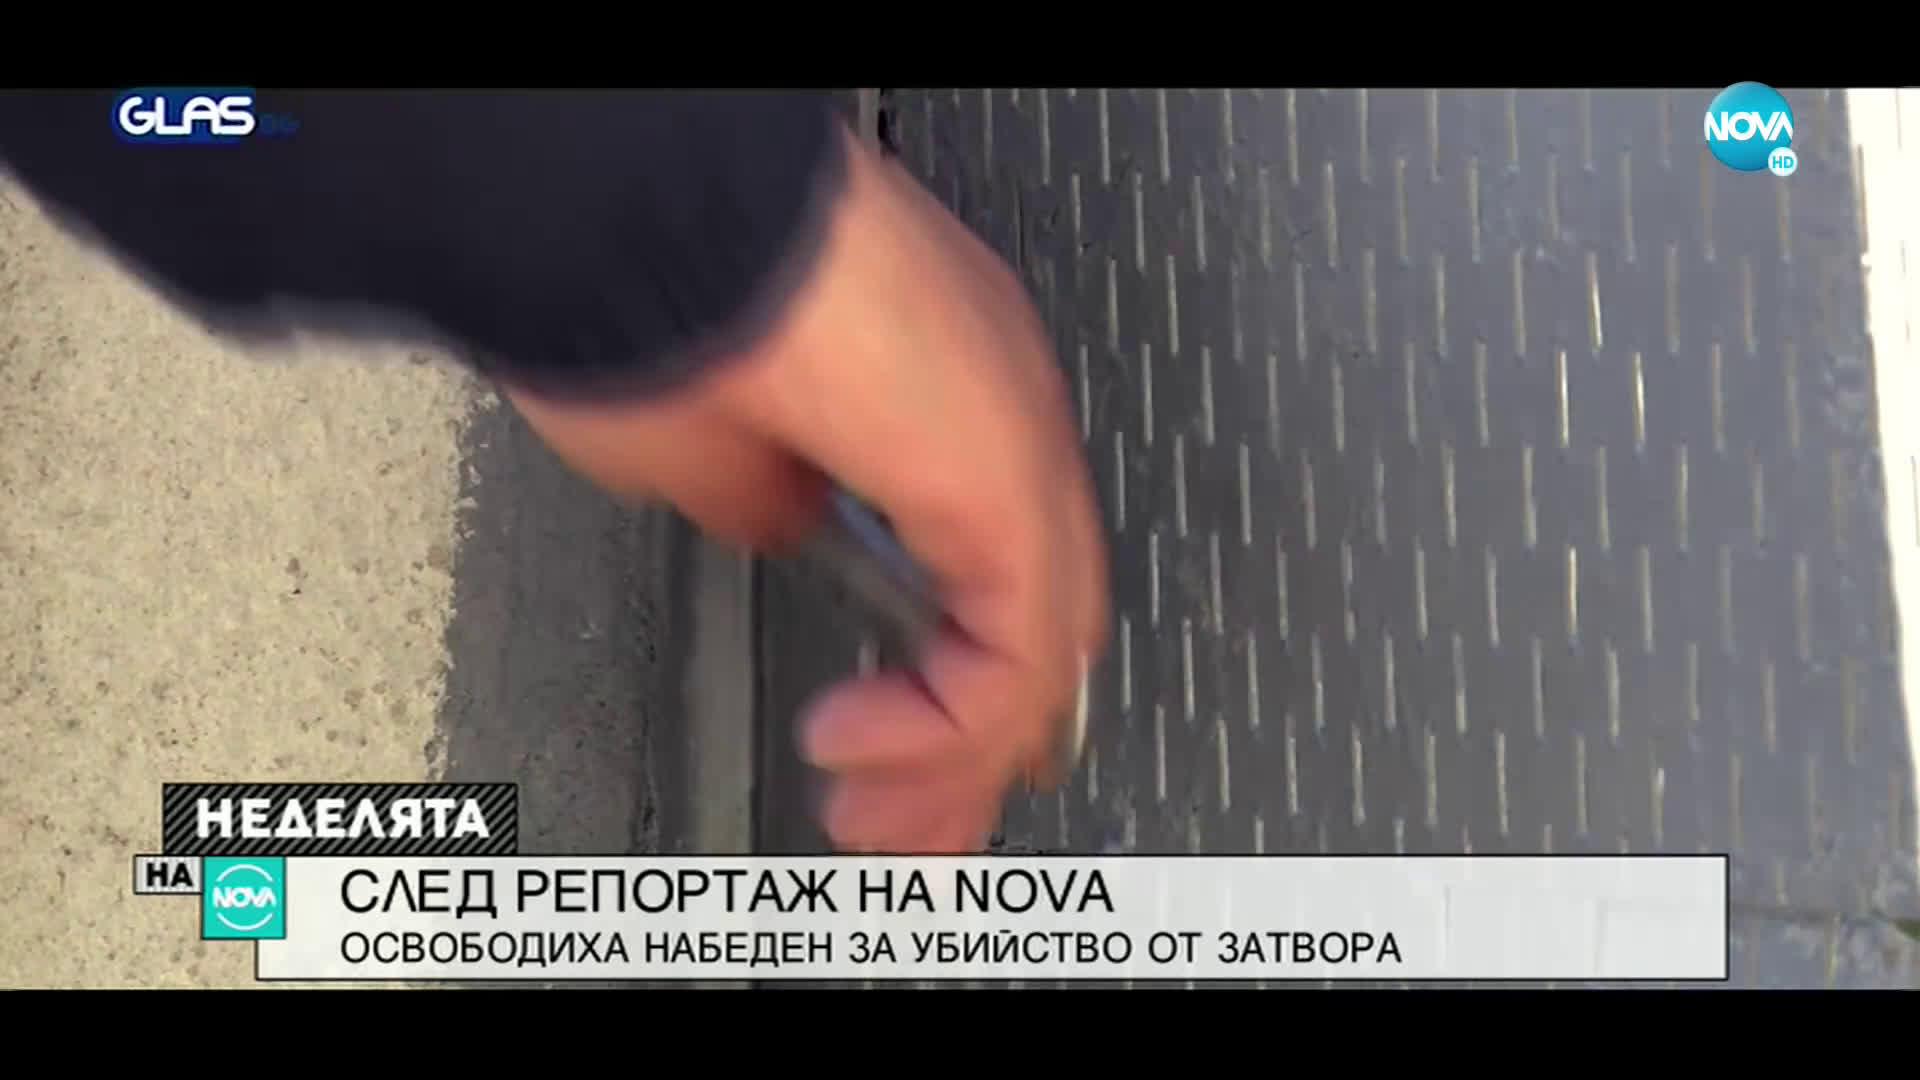 СЛЕД РЕПОРТАЖ НА NOVA: Освободиха несправедливо осъден музикант от затвора